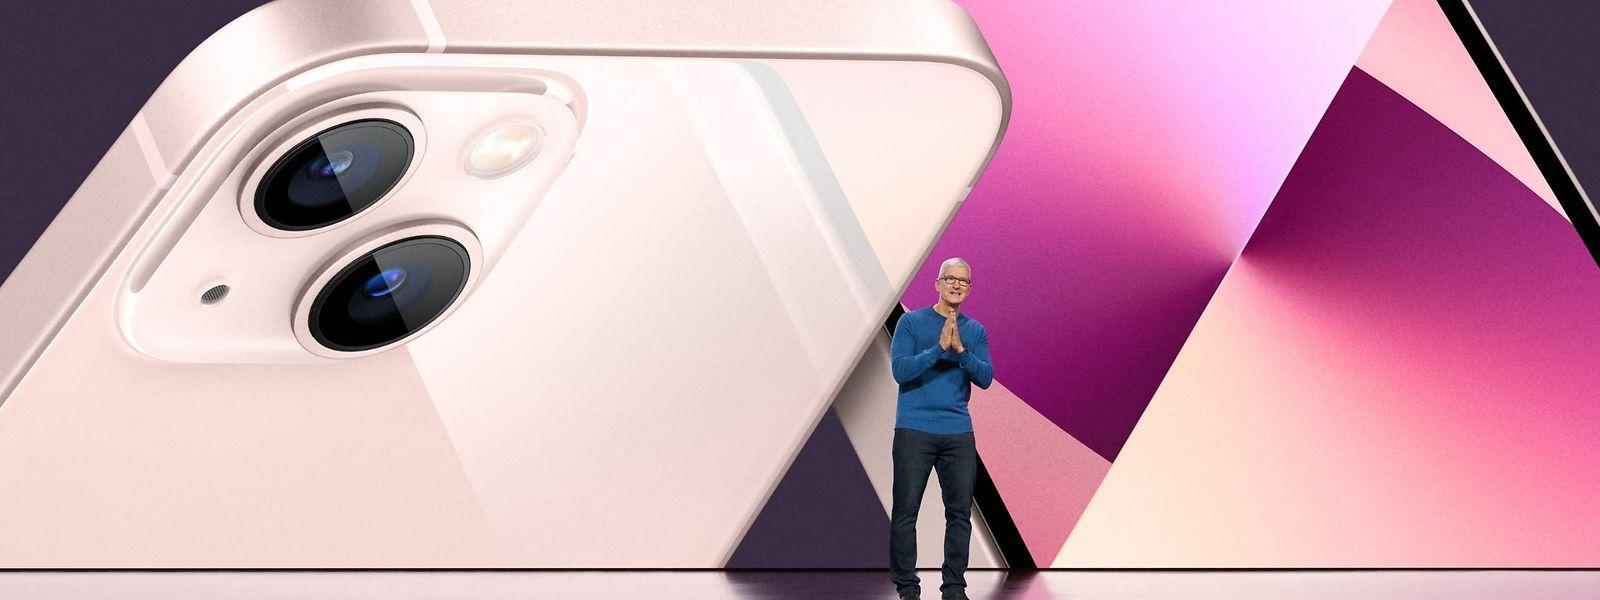 Apple-Boss Tim Cook bei der Vorstellung des neuen iPhone 13.